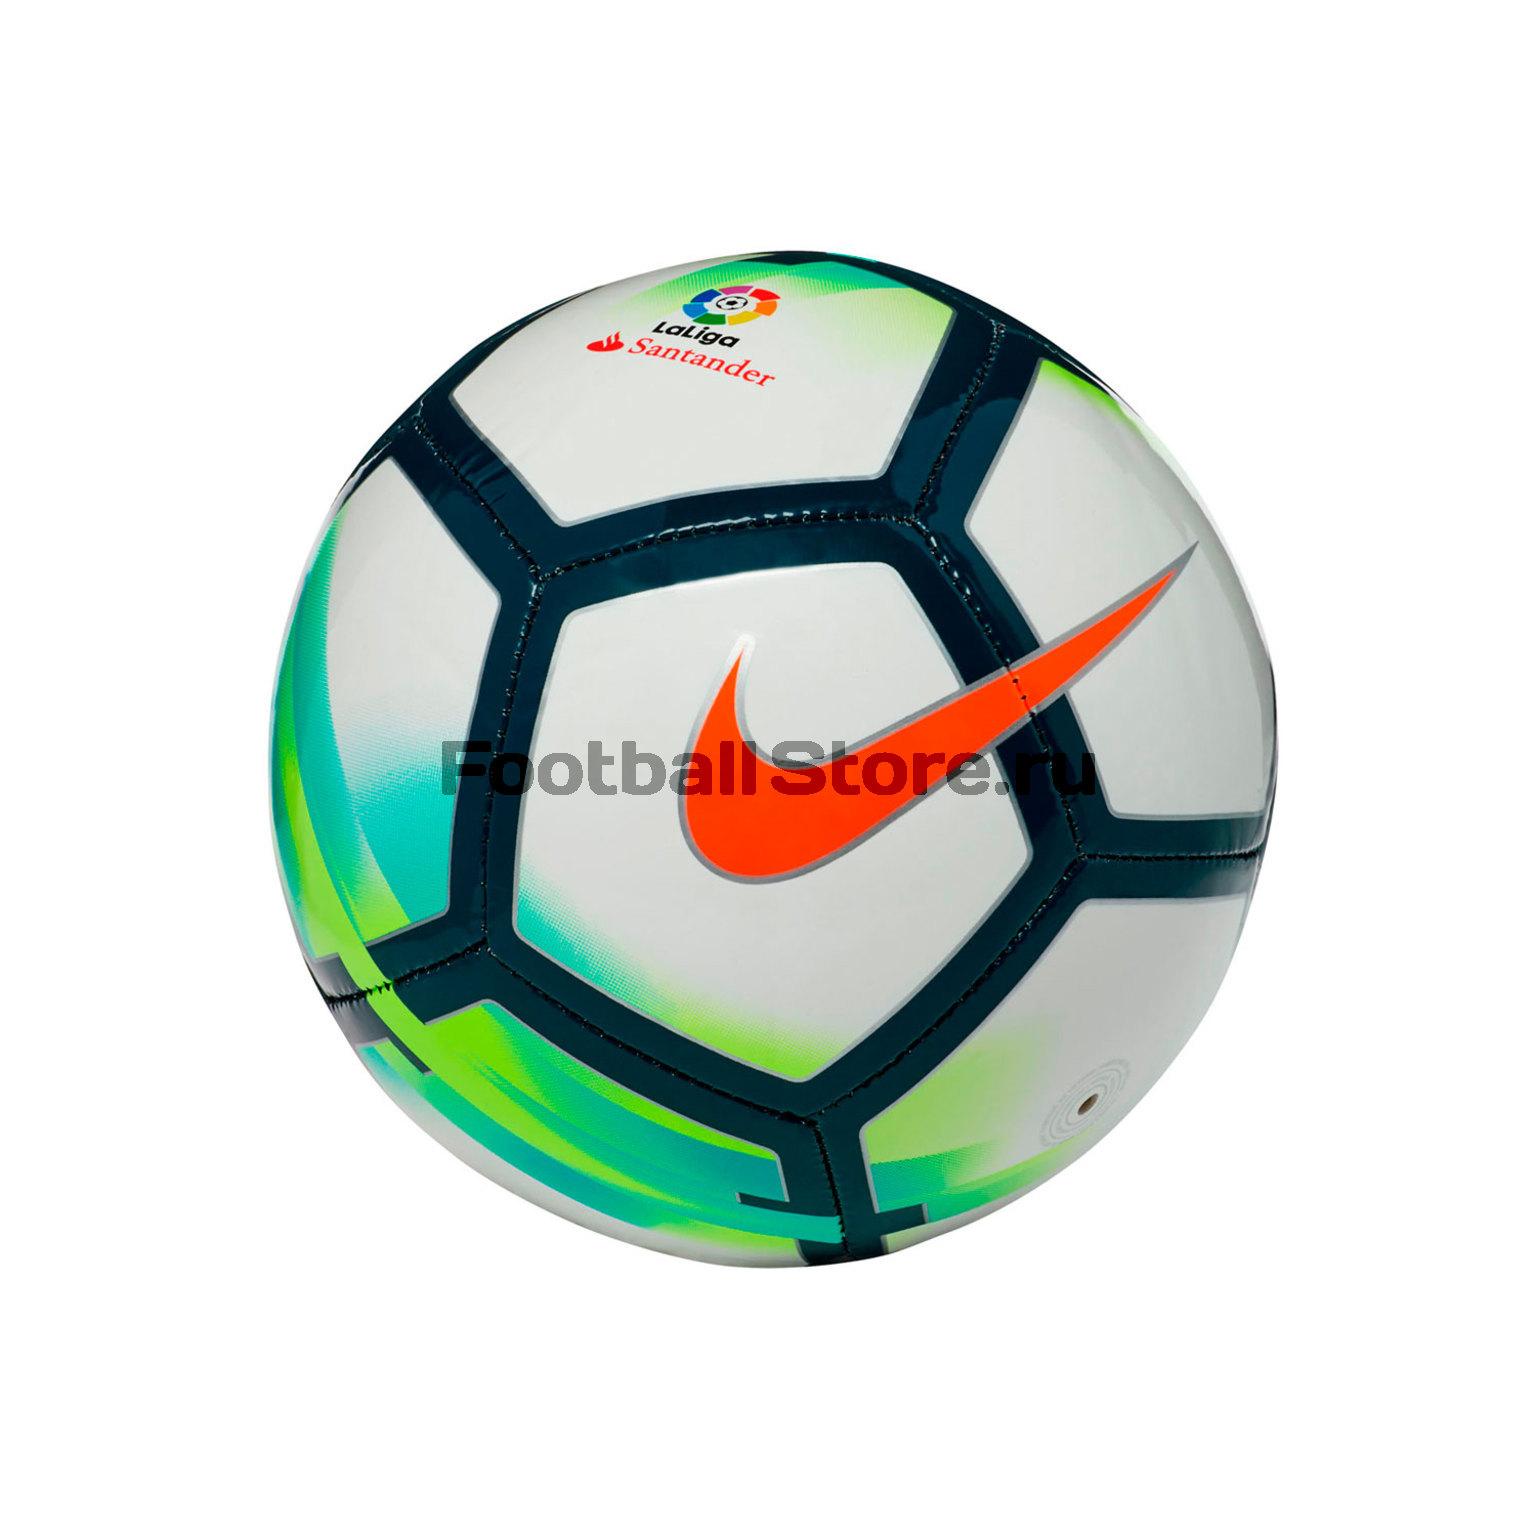 Футбольный сувенирный мяч Nike La Liga Skills SC3158-100 цена